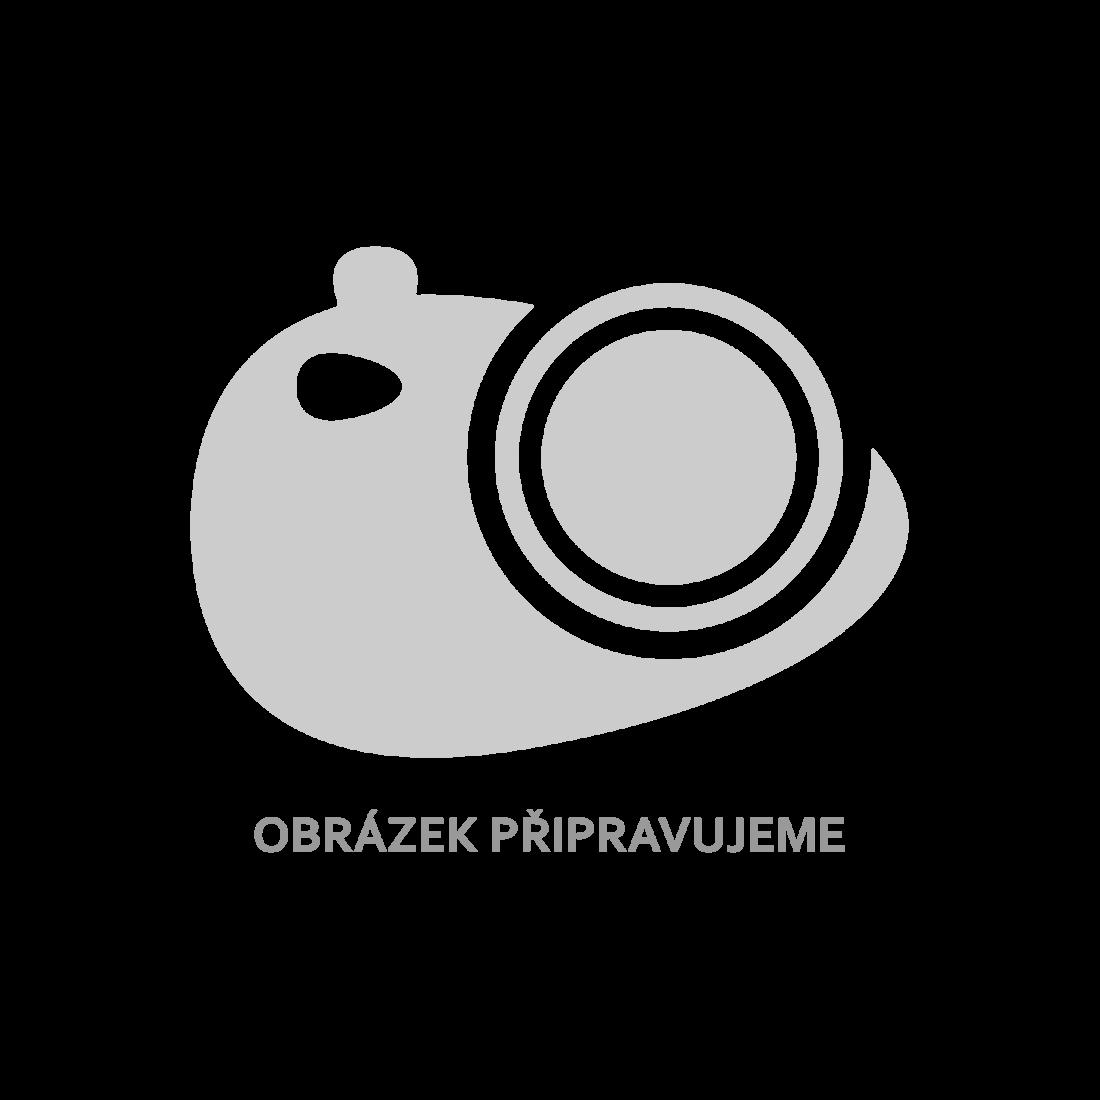 vidaXL Konferenční stolek bílý 117 x 50 x 30 cm masivní akáciové dřevo [287329]